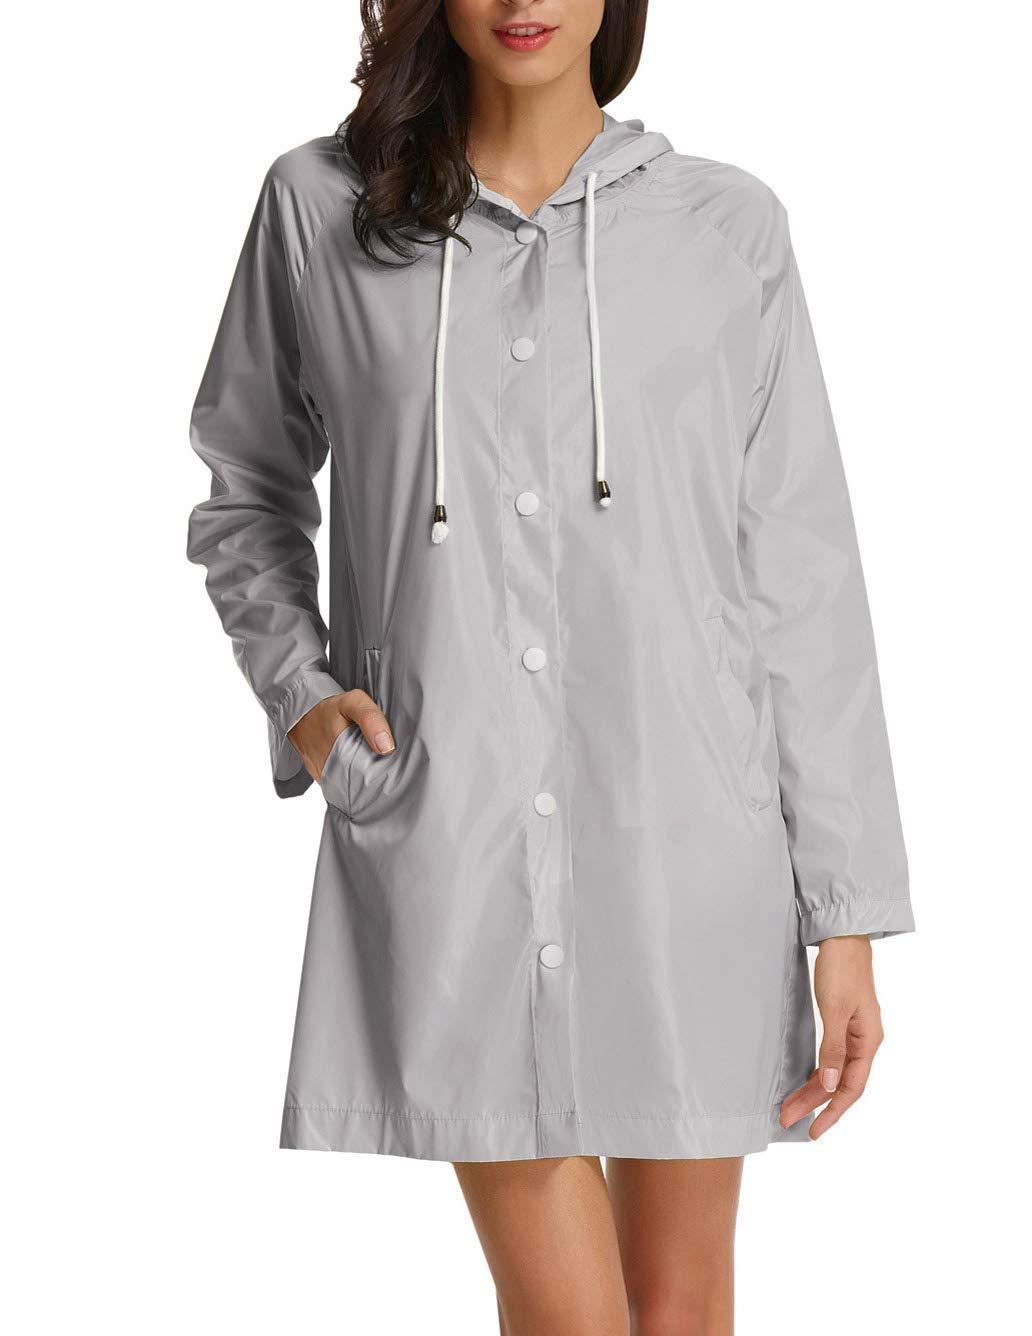 GRACE KARIN Women's Lightweight Waterproof Raincoat Jacket Active Outdoor Hooded Raincoat